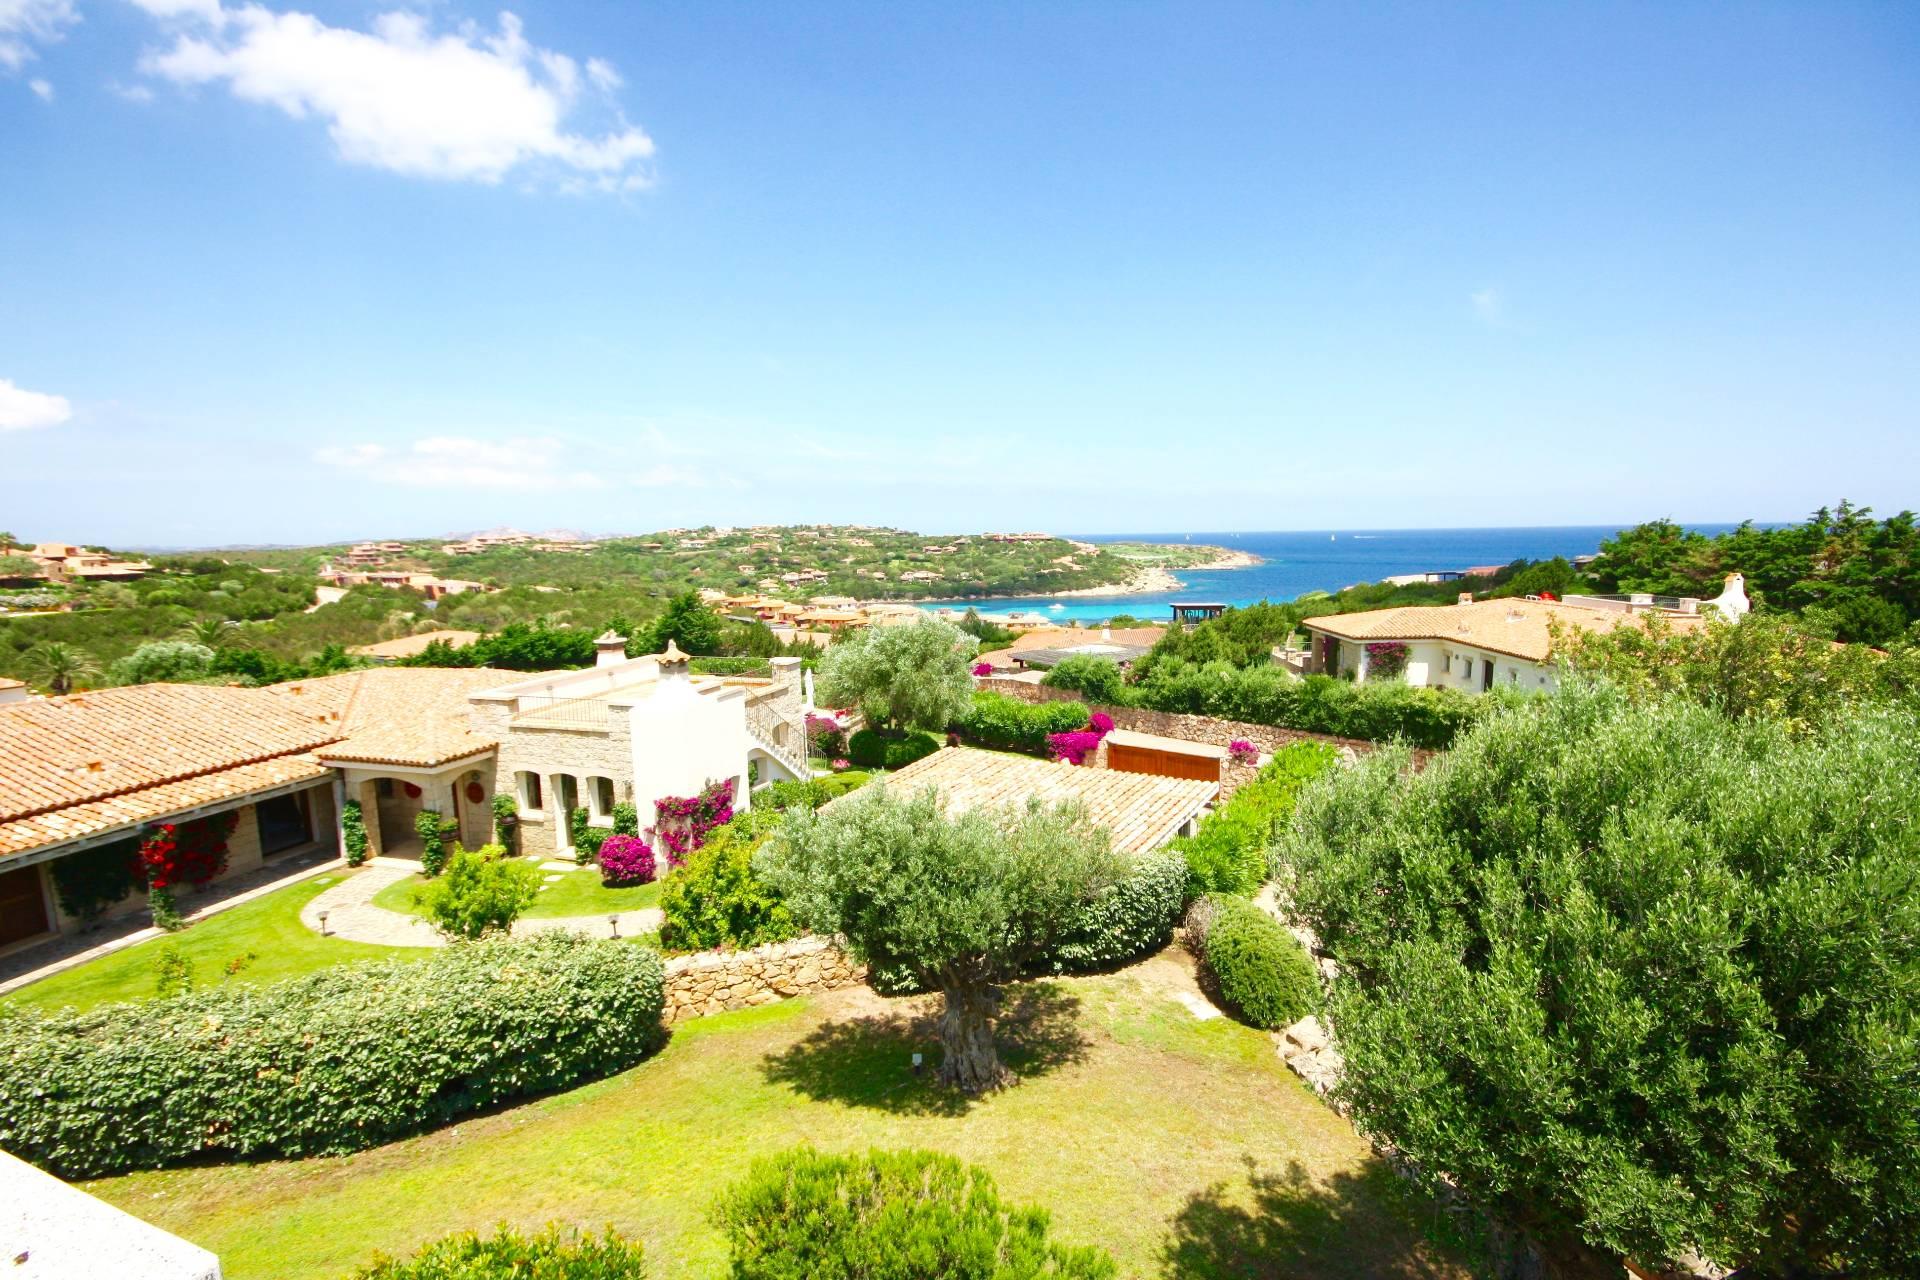 Villa in vendita a Arzachena - Porto Cervo, 8 locali, zona Località: PortoCervo-Marina, prezzo € 5.800.000 | CambioCasa.it